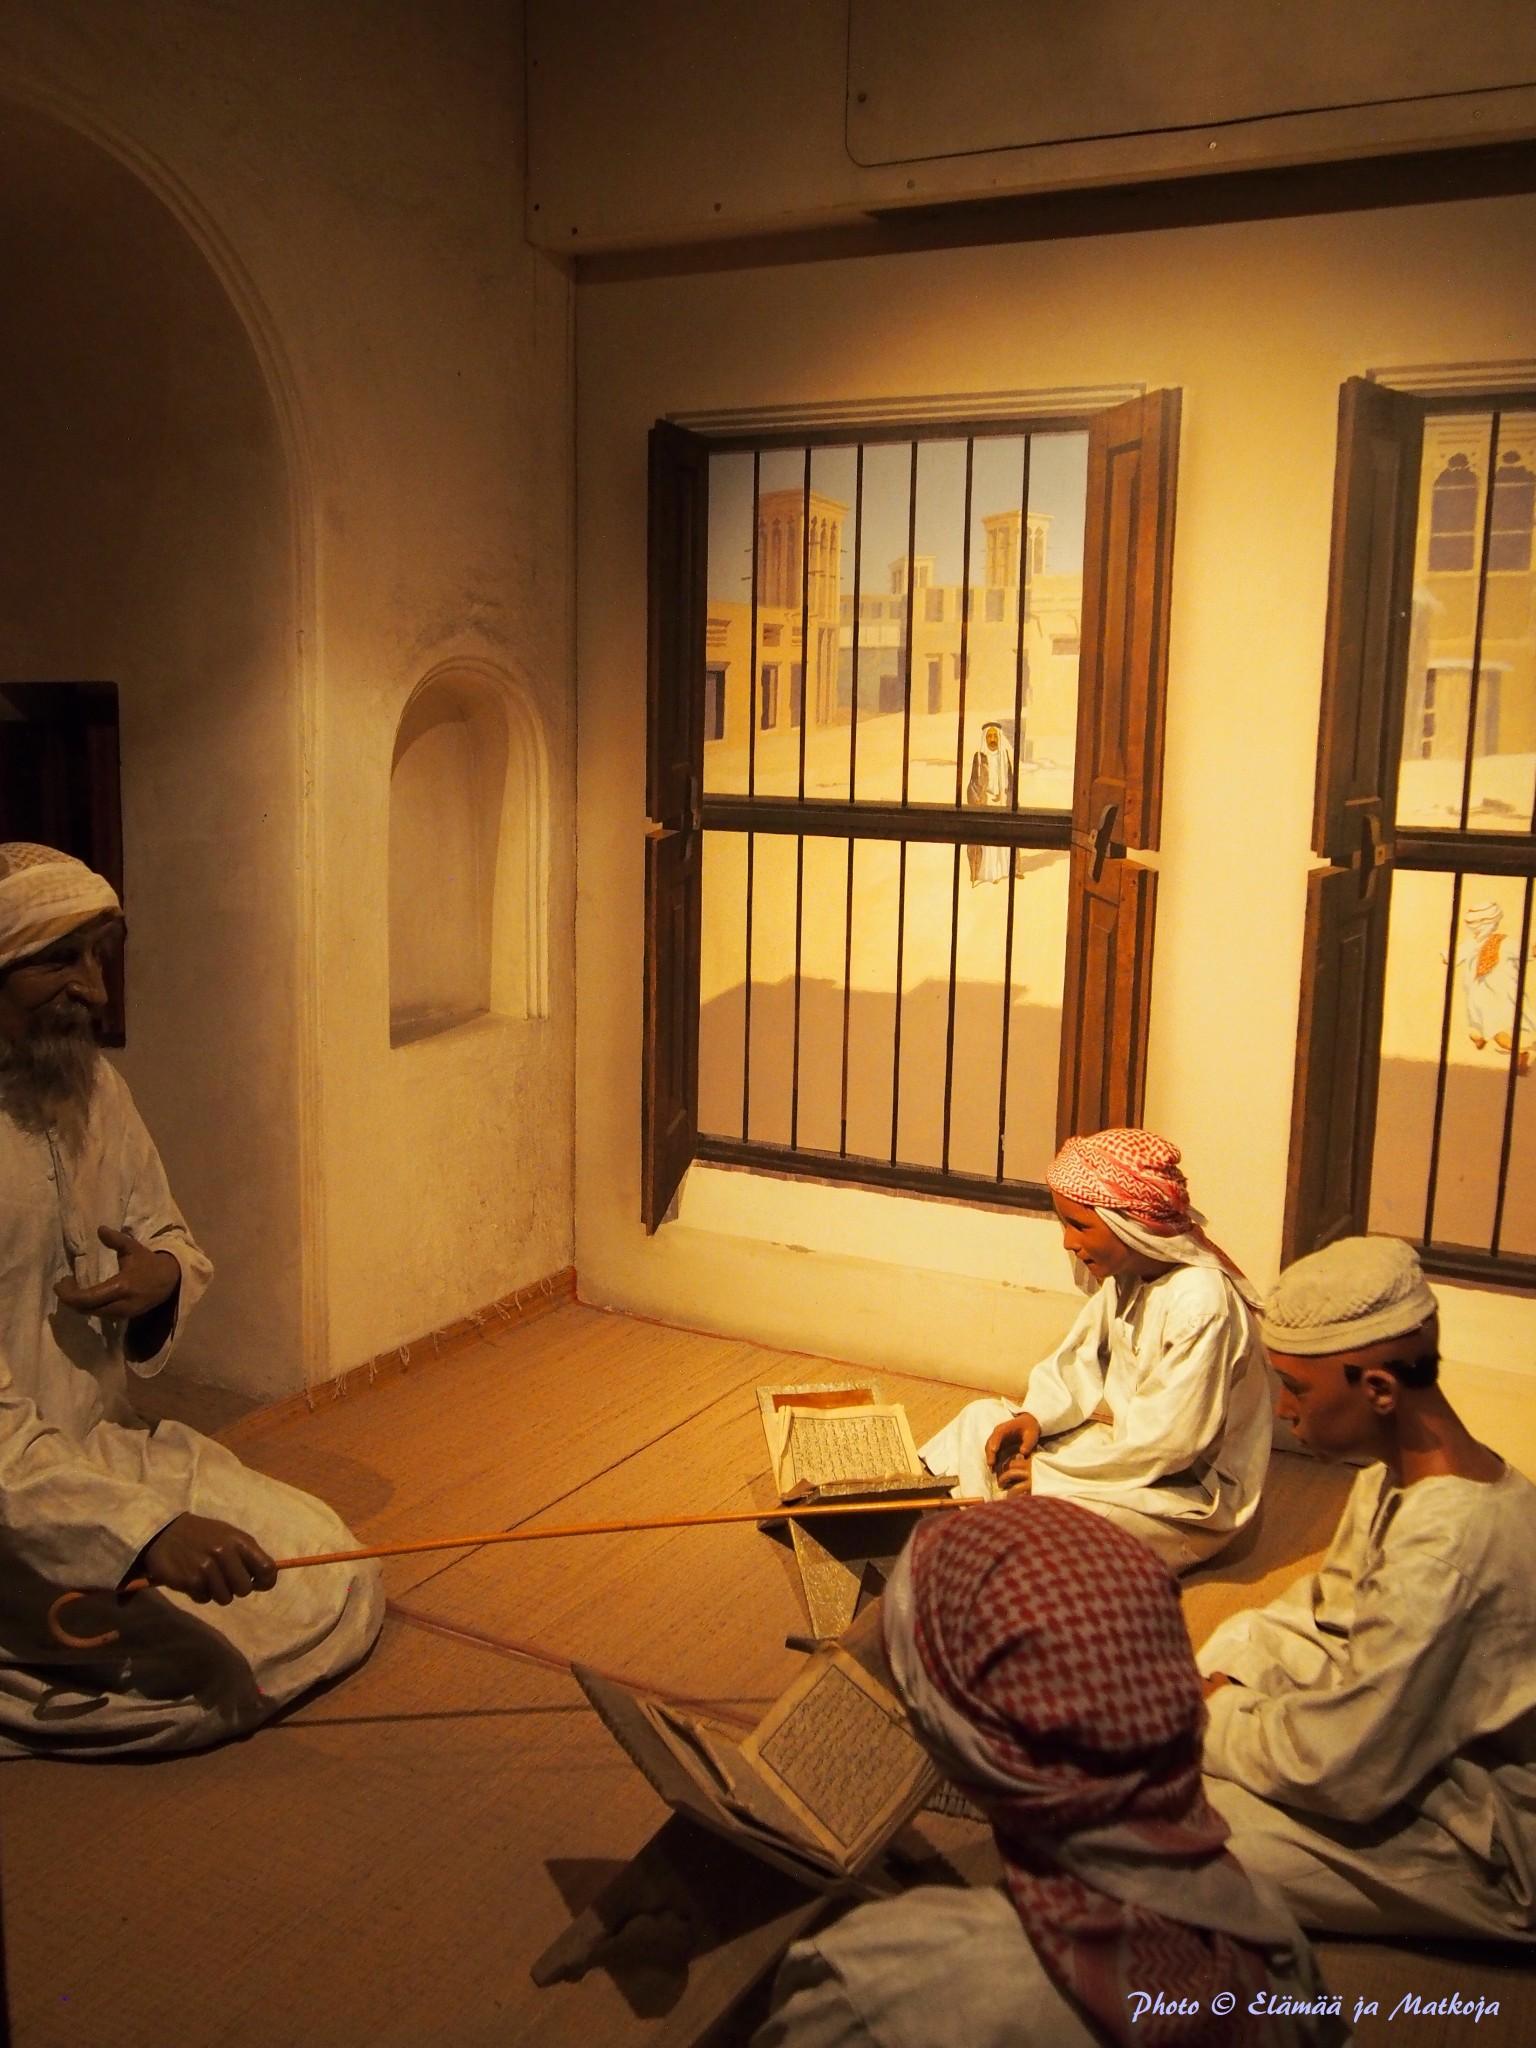 Dubai Museum 18 Photo © Elämää ja Matkoja